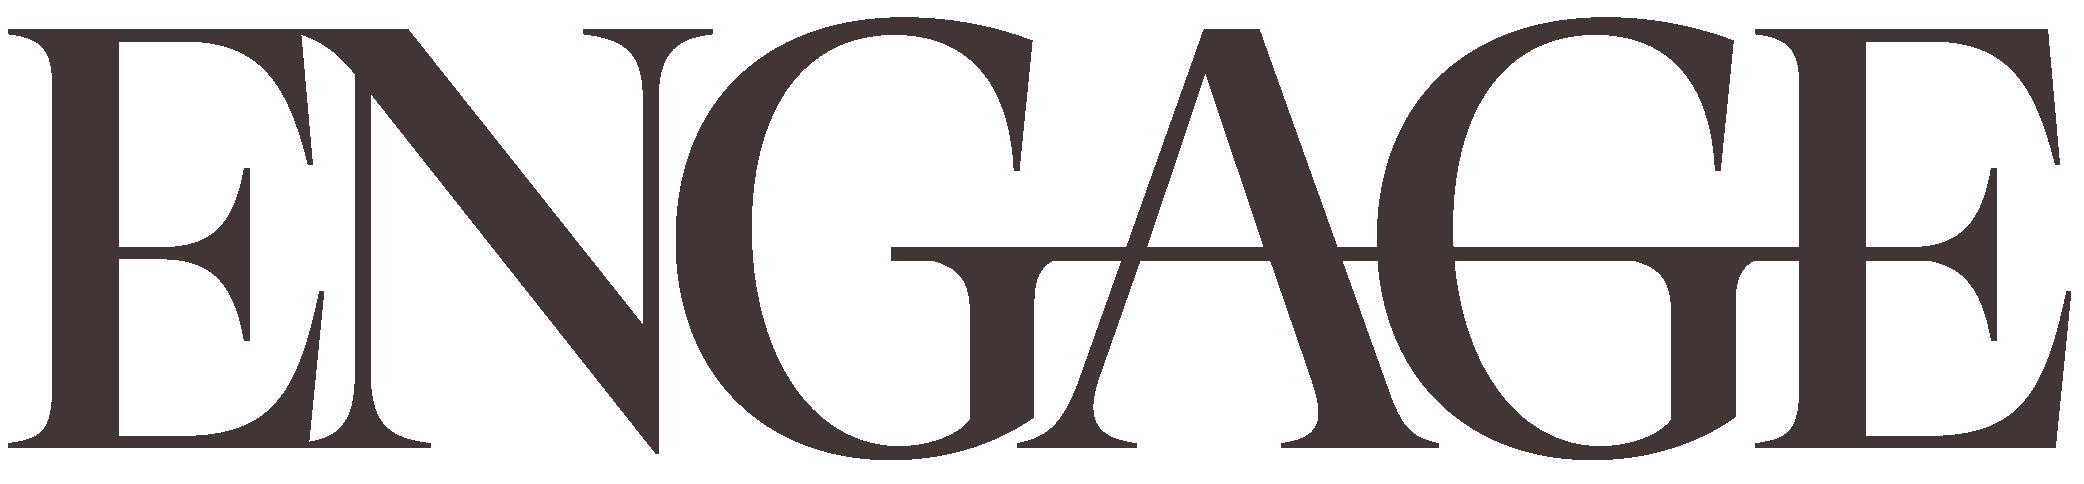 Engage Media Group